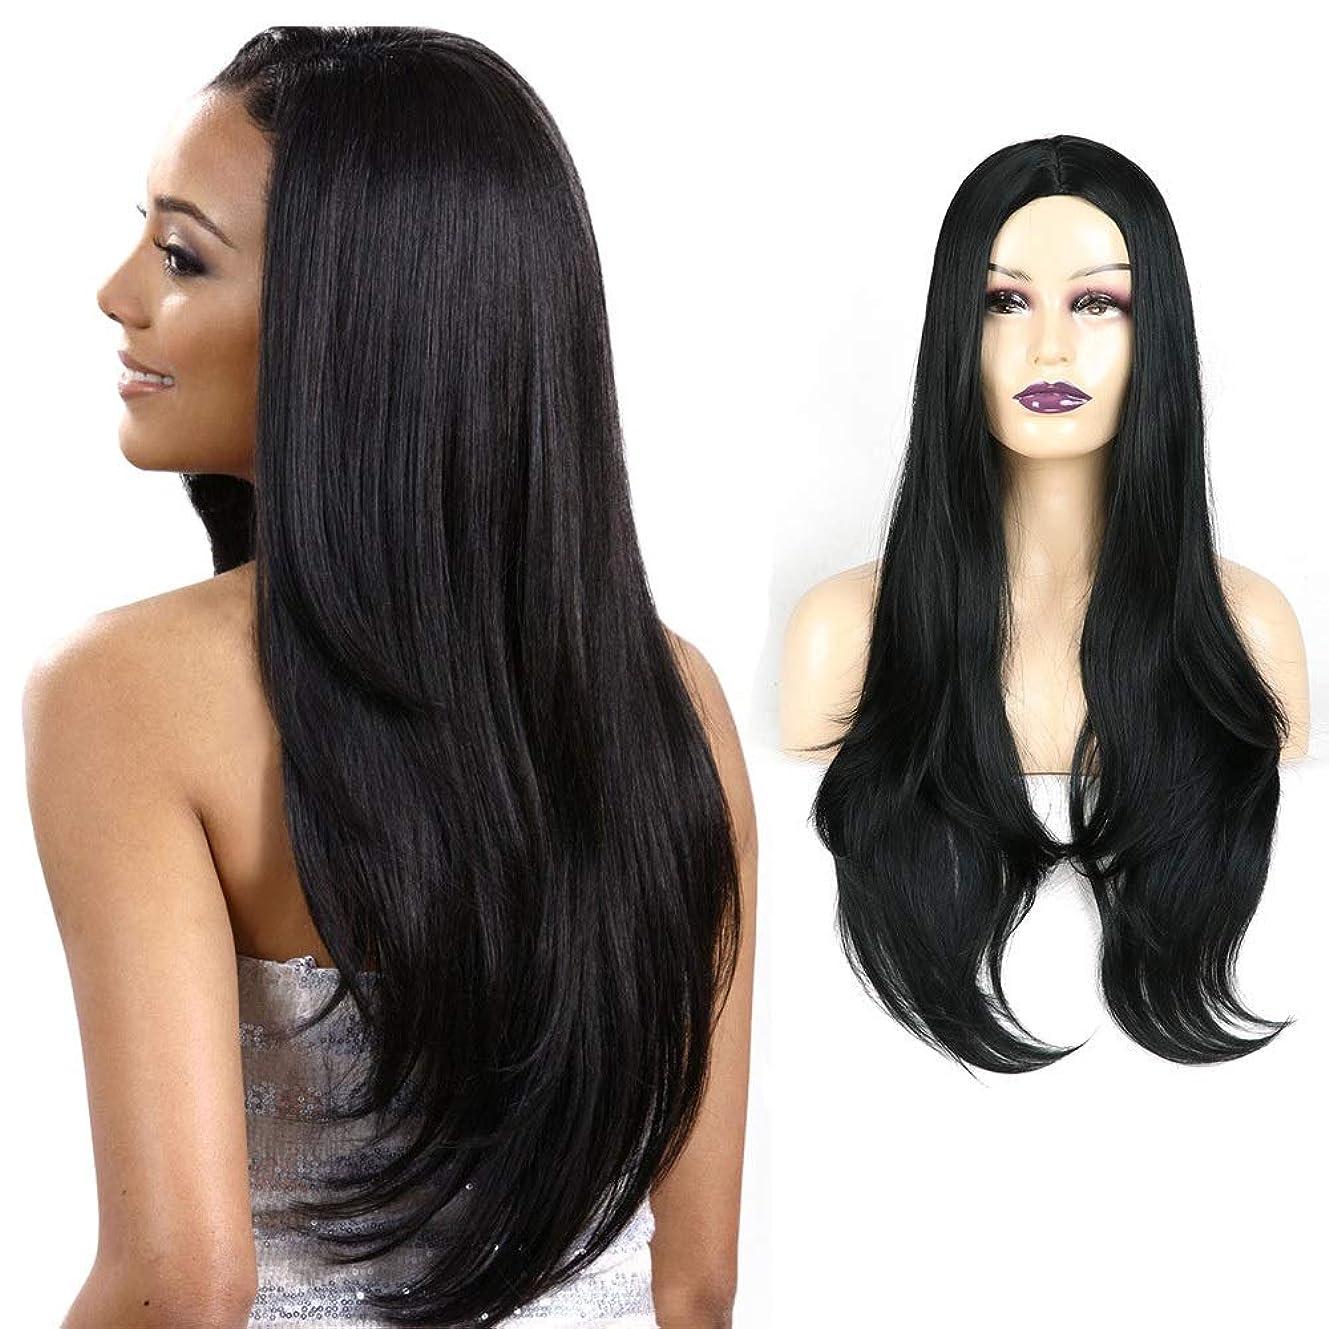 義務番号有用BOBIDYEE 自然に見える黒実体波長い巻き毛の人工毛耐熱繊維長いストレートの髪 (色 : 黒)